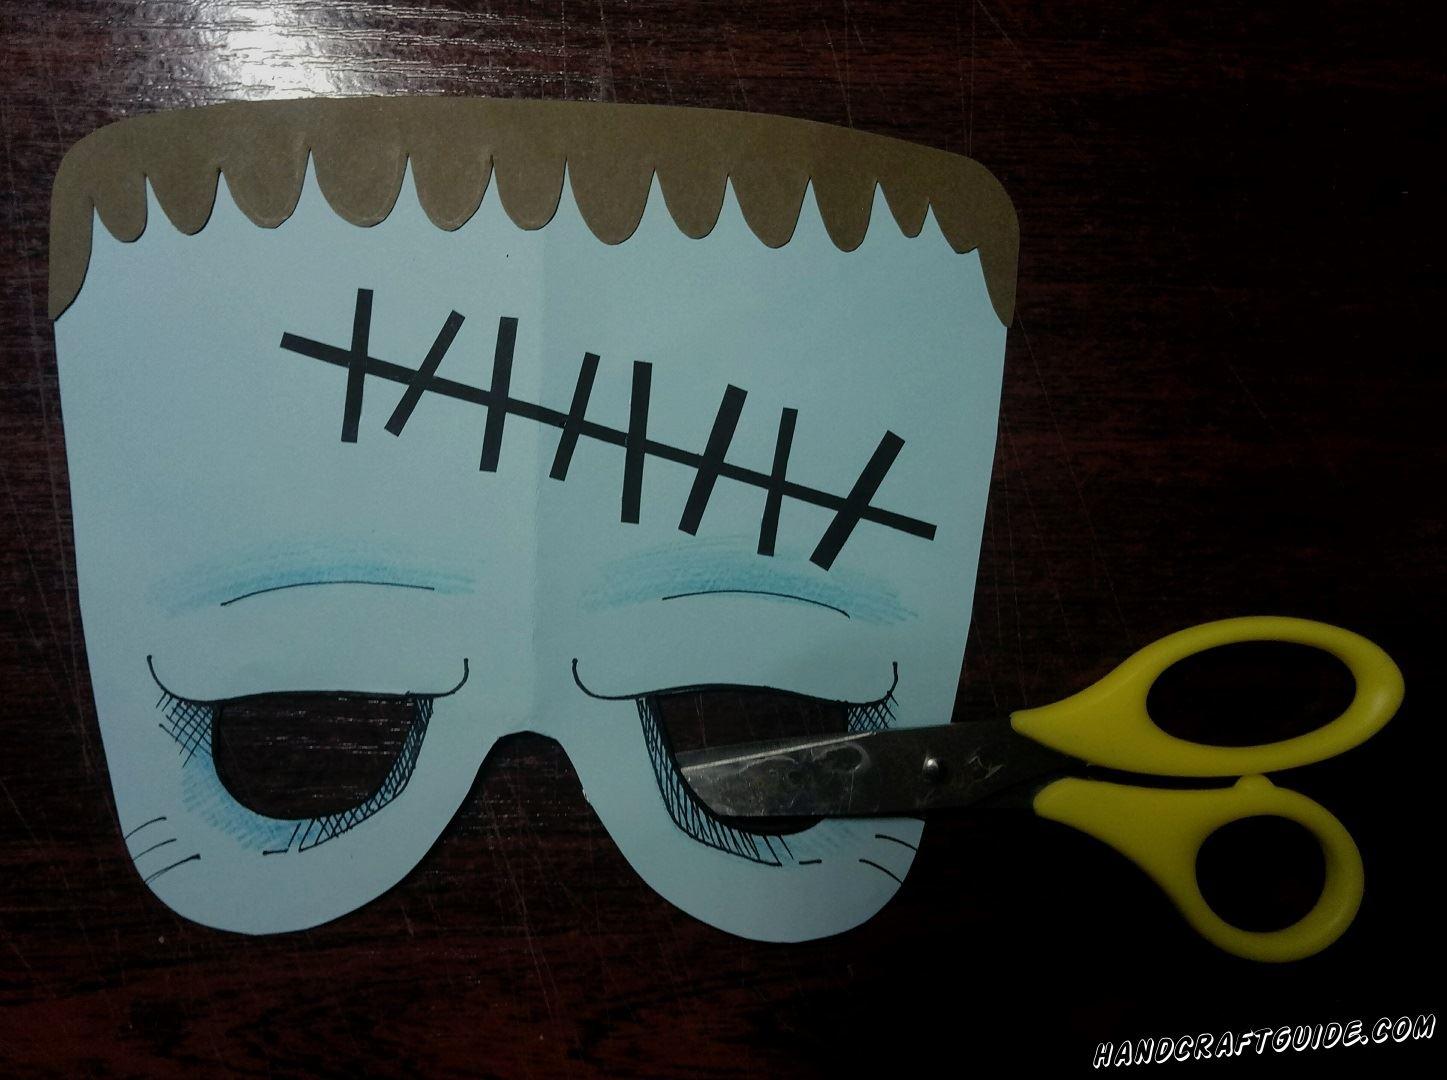 Теперь вырезаем отверстия для глаз, ведь это же маска